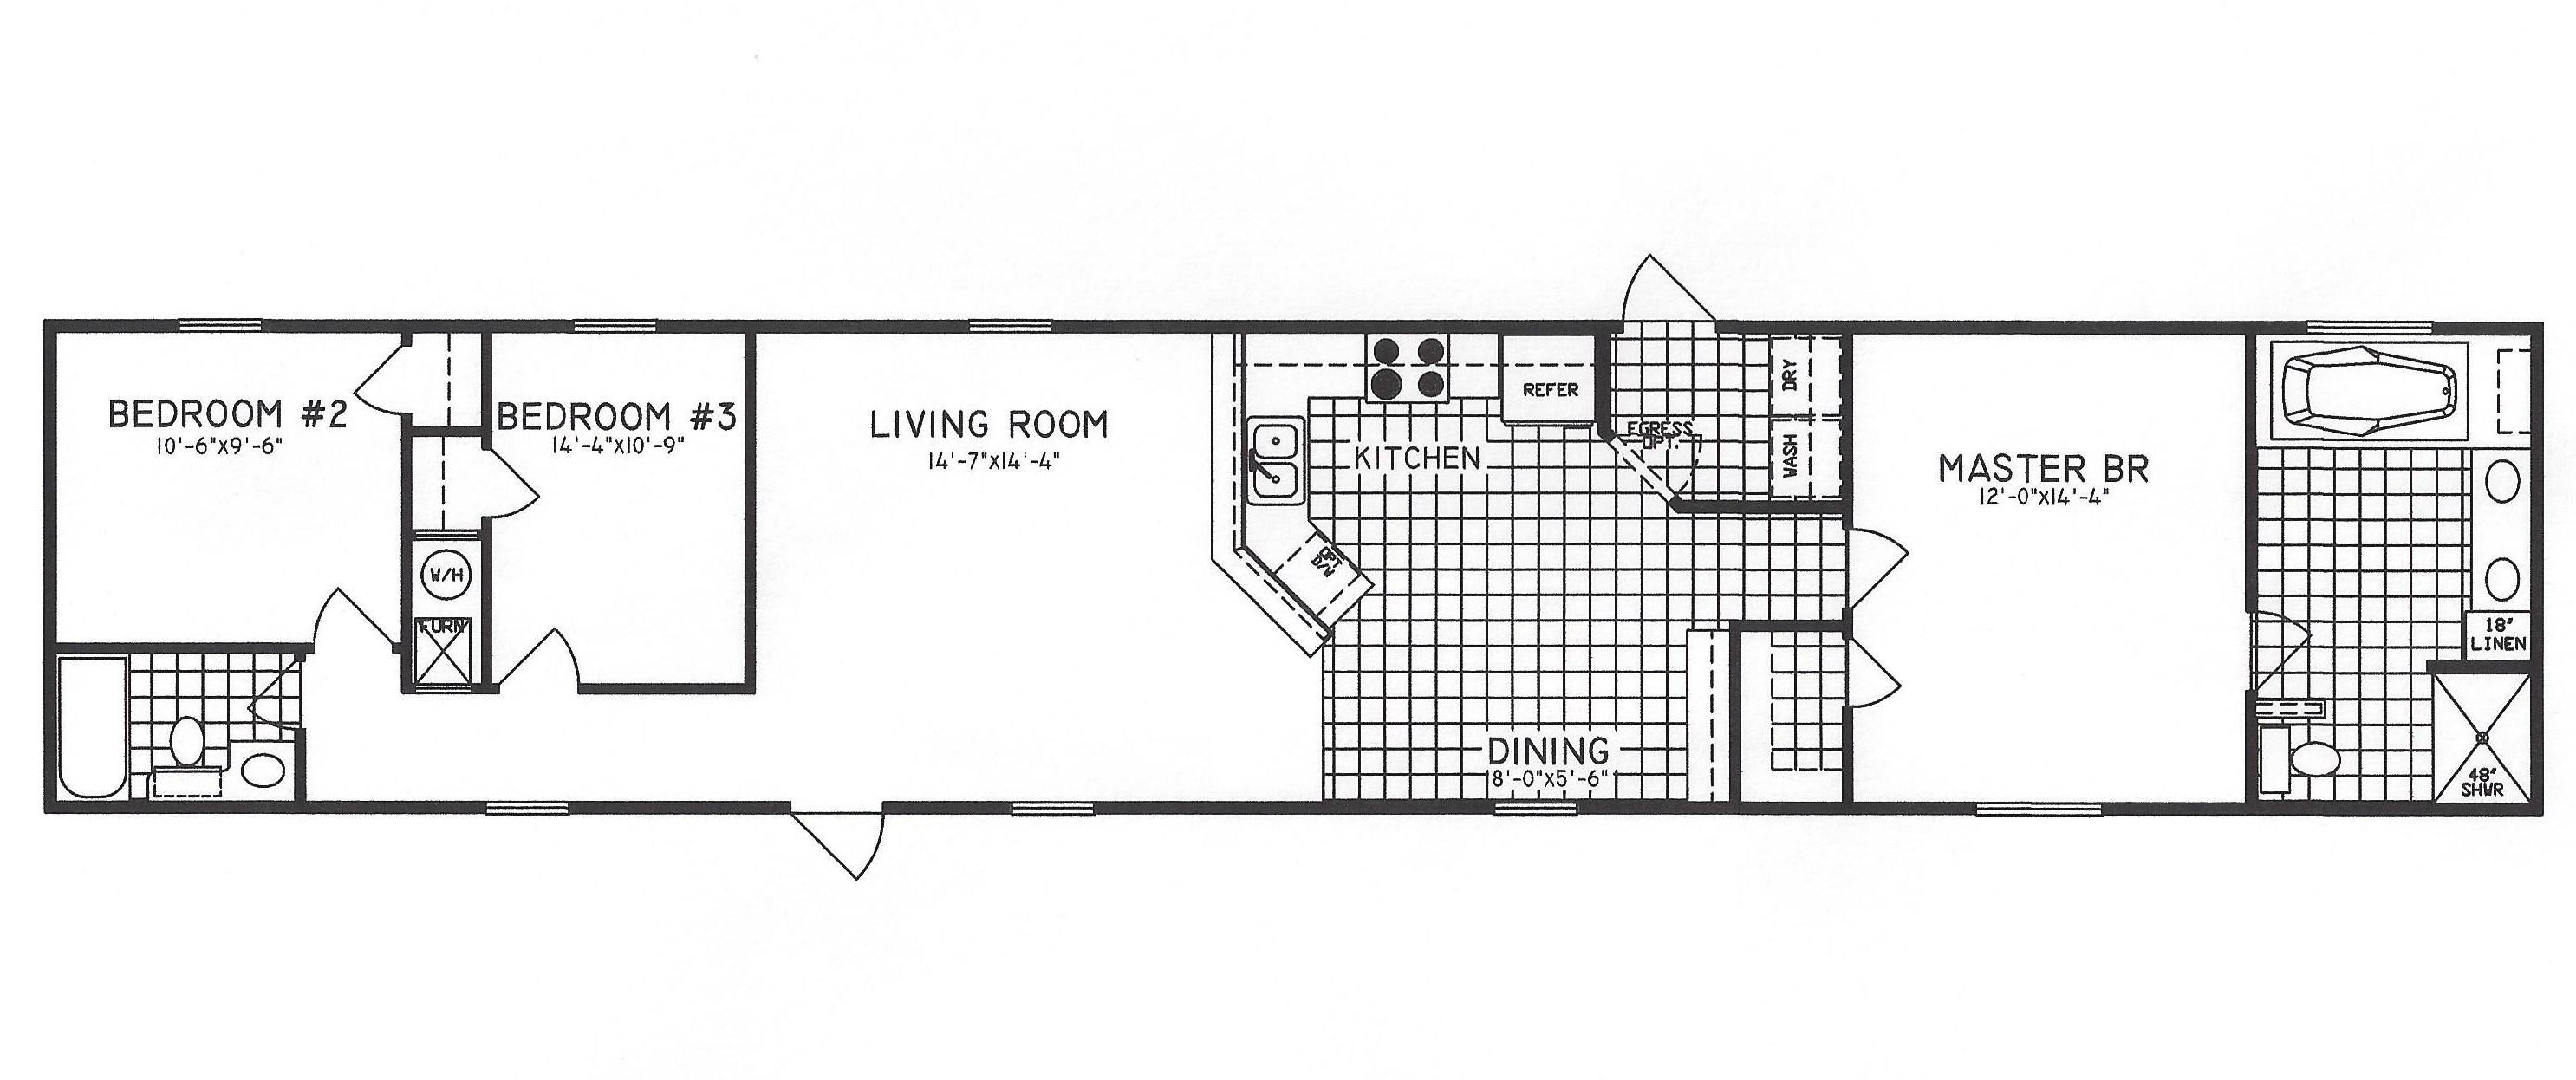 3 bedroom floor plan c 1302 hawks homes manufactured 3 bedroom modular home floor plans